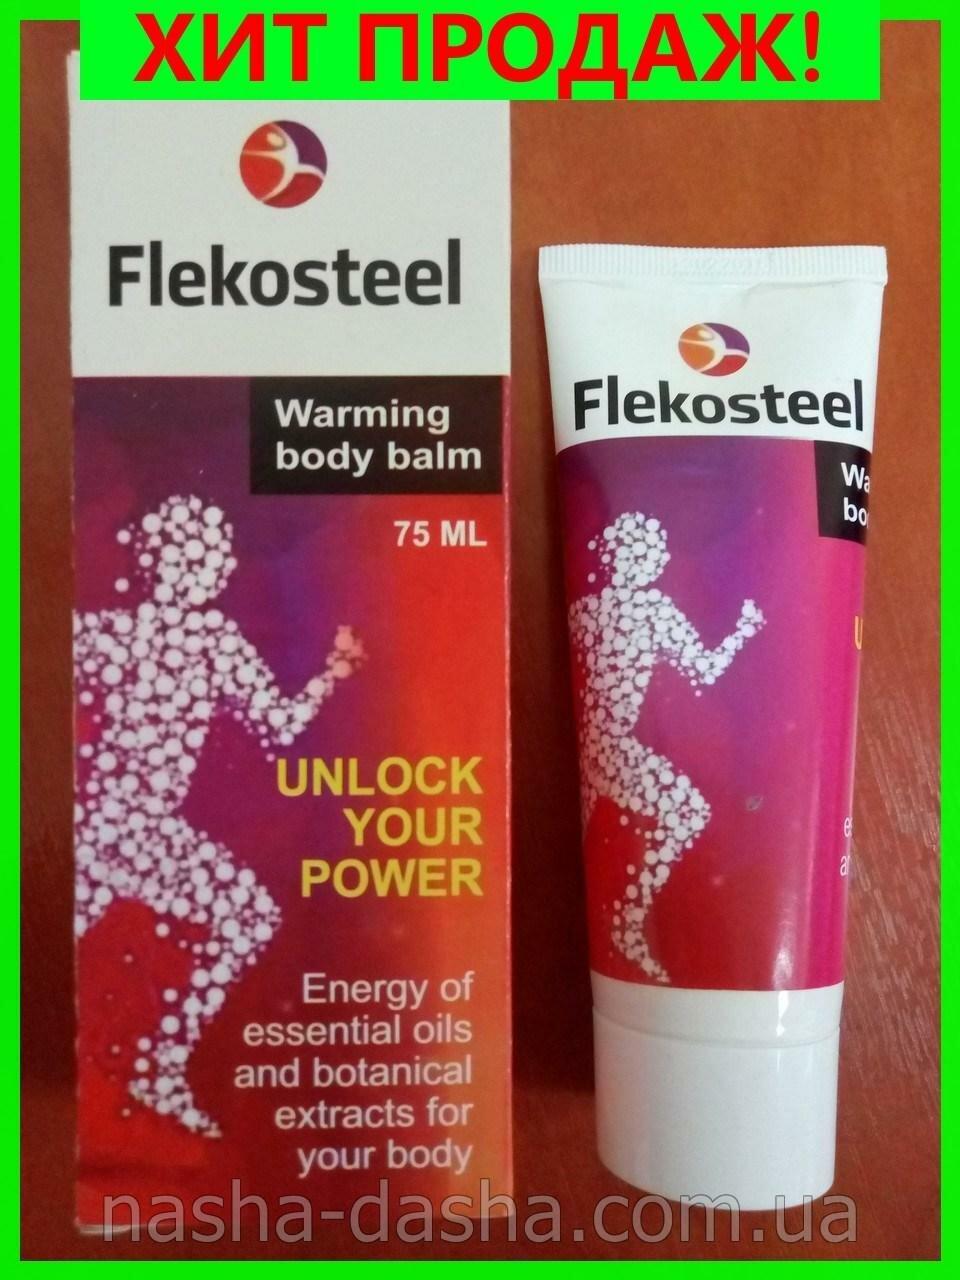 Flekosteel - гель для суставов в Бийске